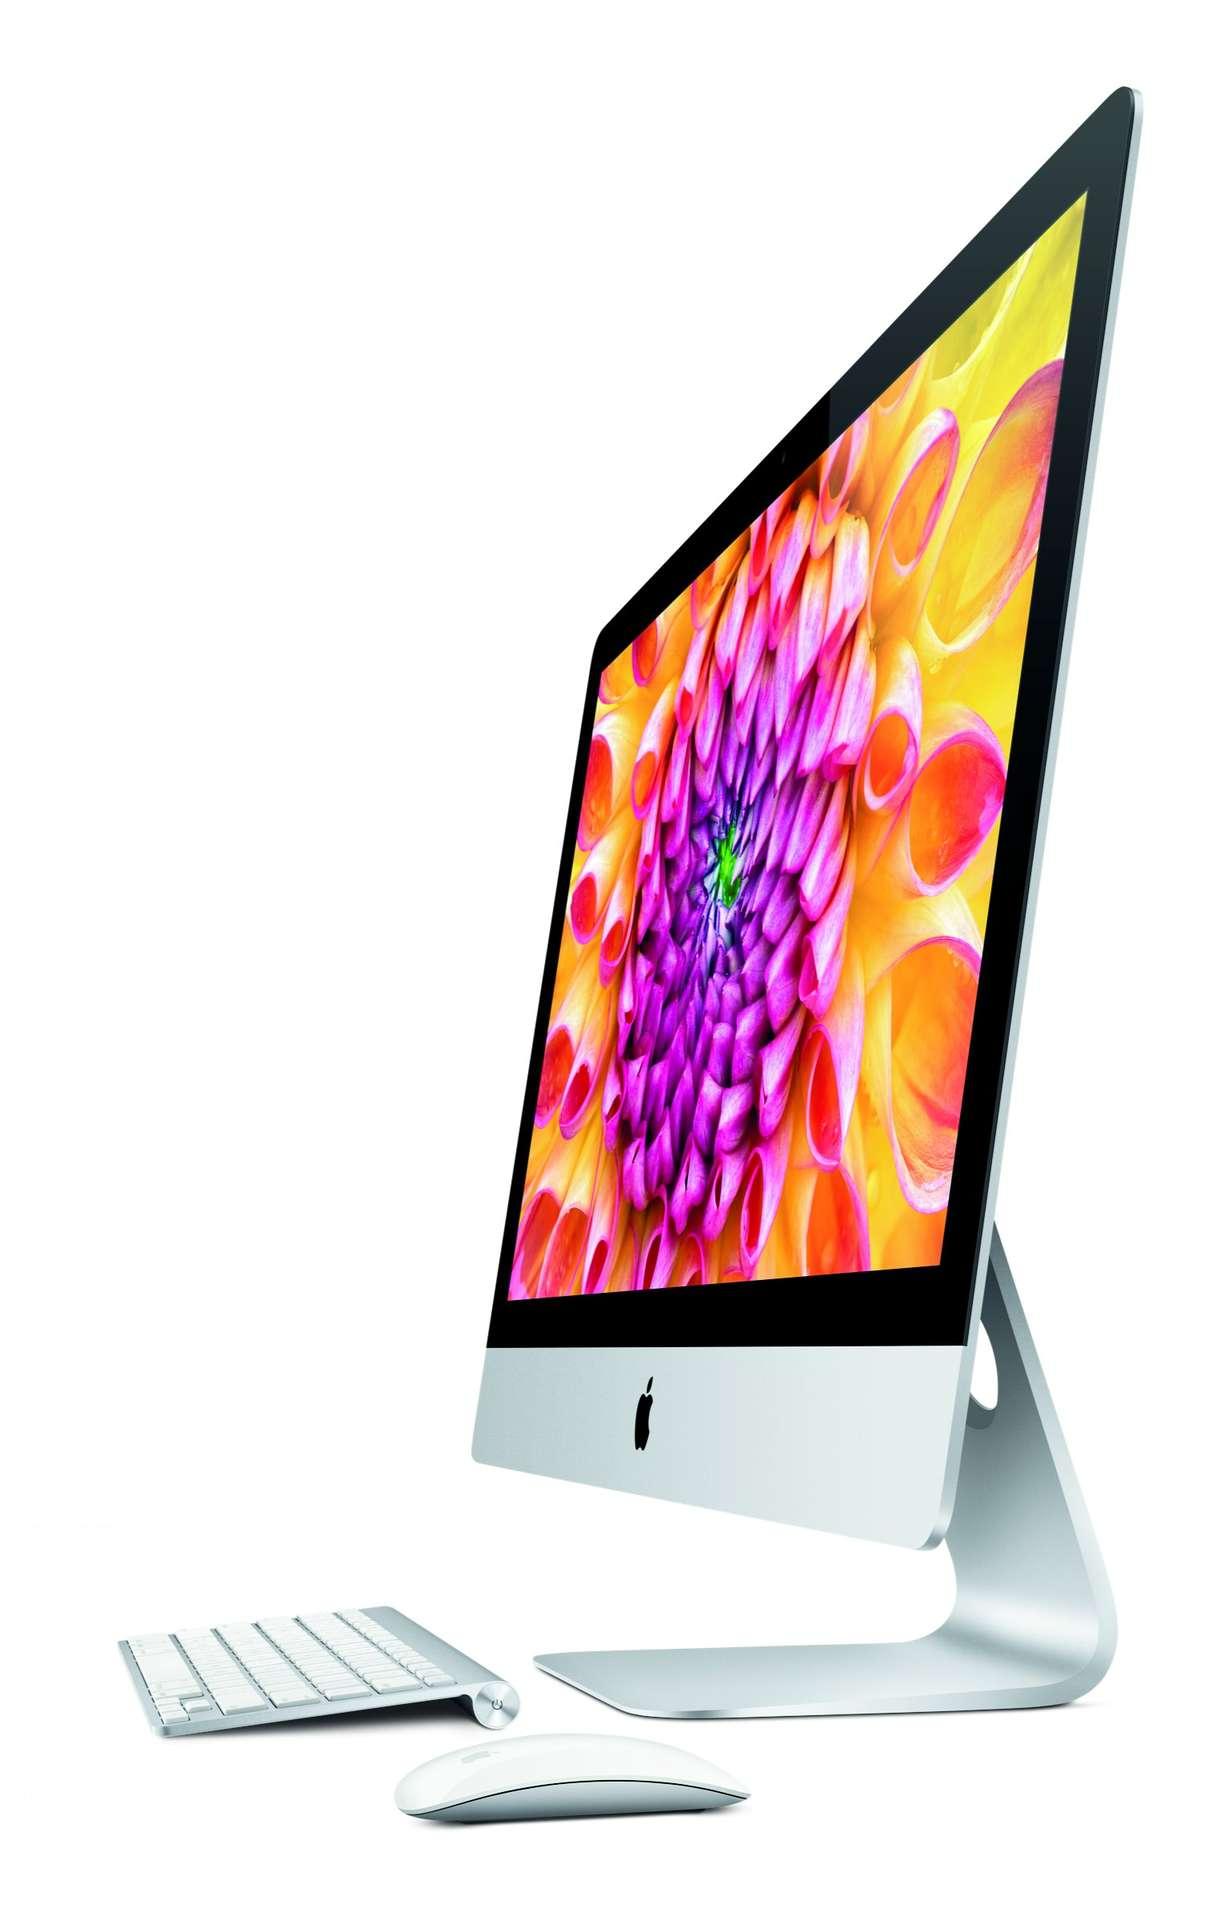 Le nouvel iMac n'a finalement pas hérité d'un écran Retina, mais d'un design encore affiné qui devrait en faire l'ordinateur de bureau hype par excellence. © Apple